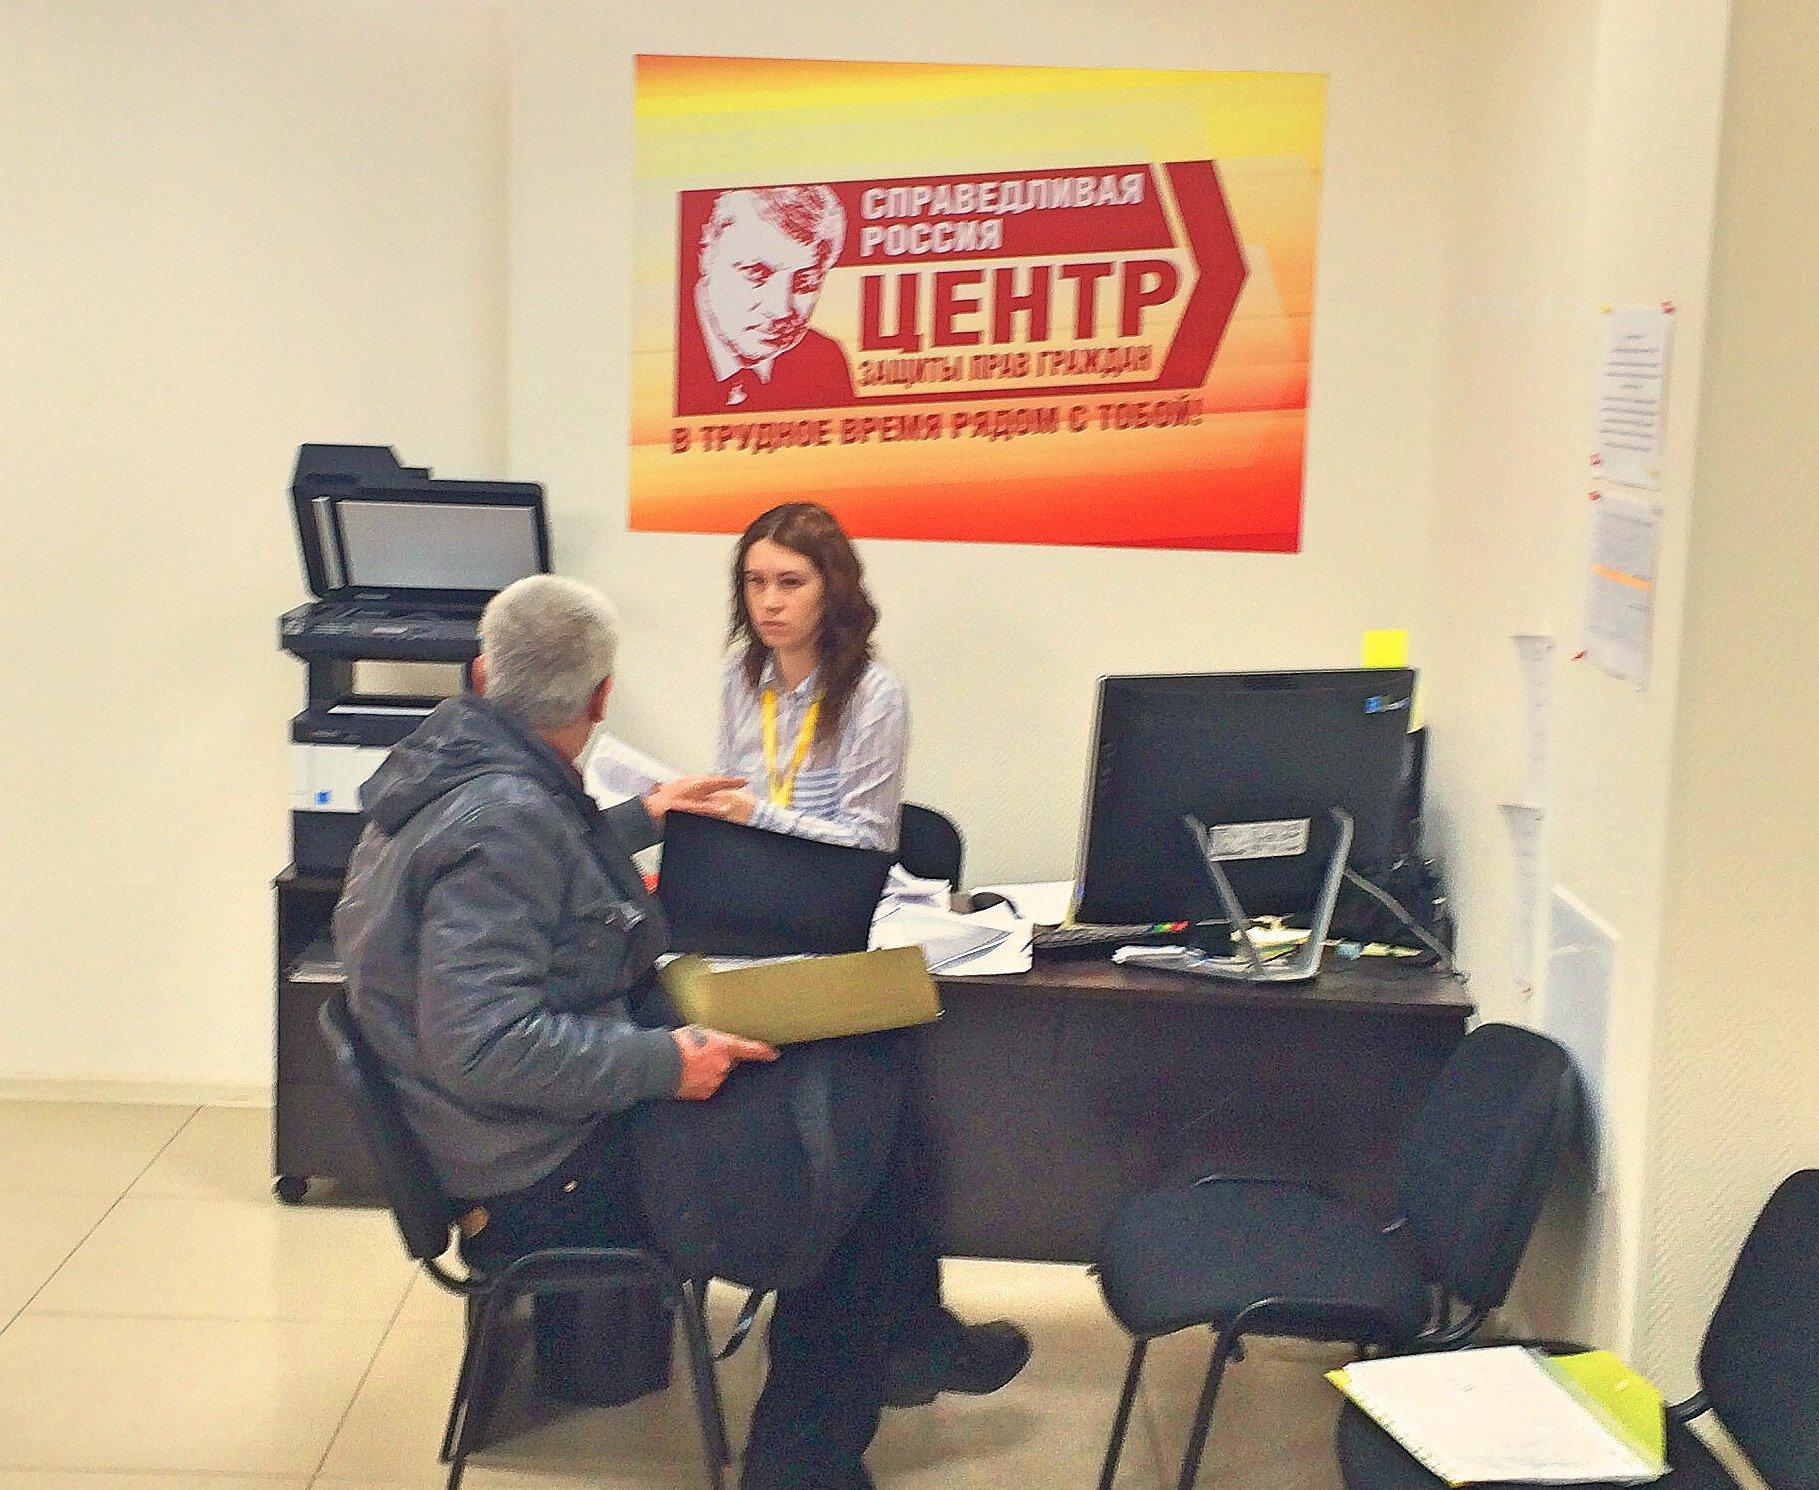 юридические консультации справедливая россия